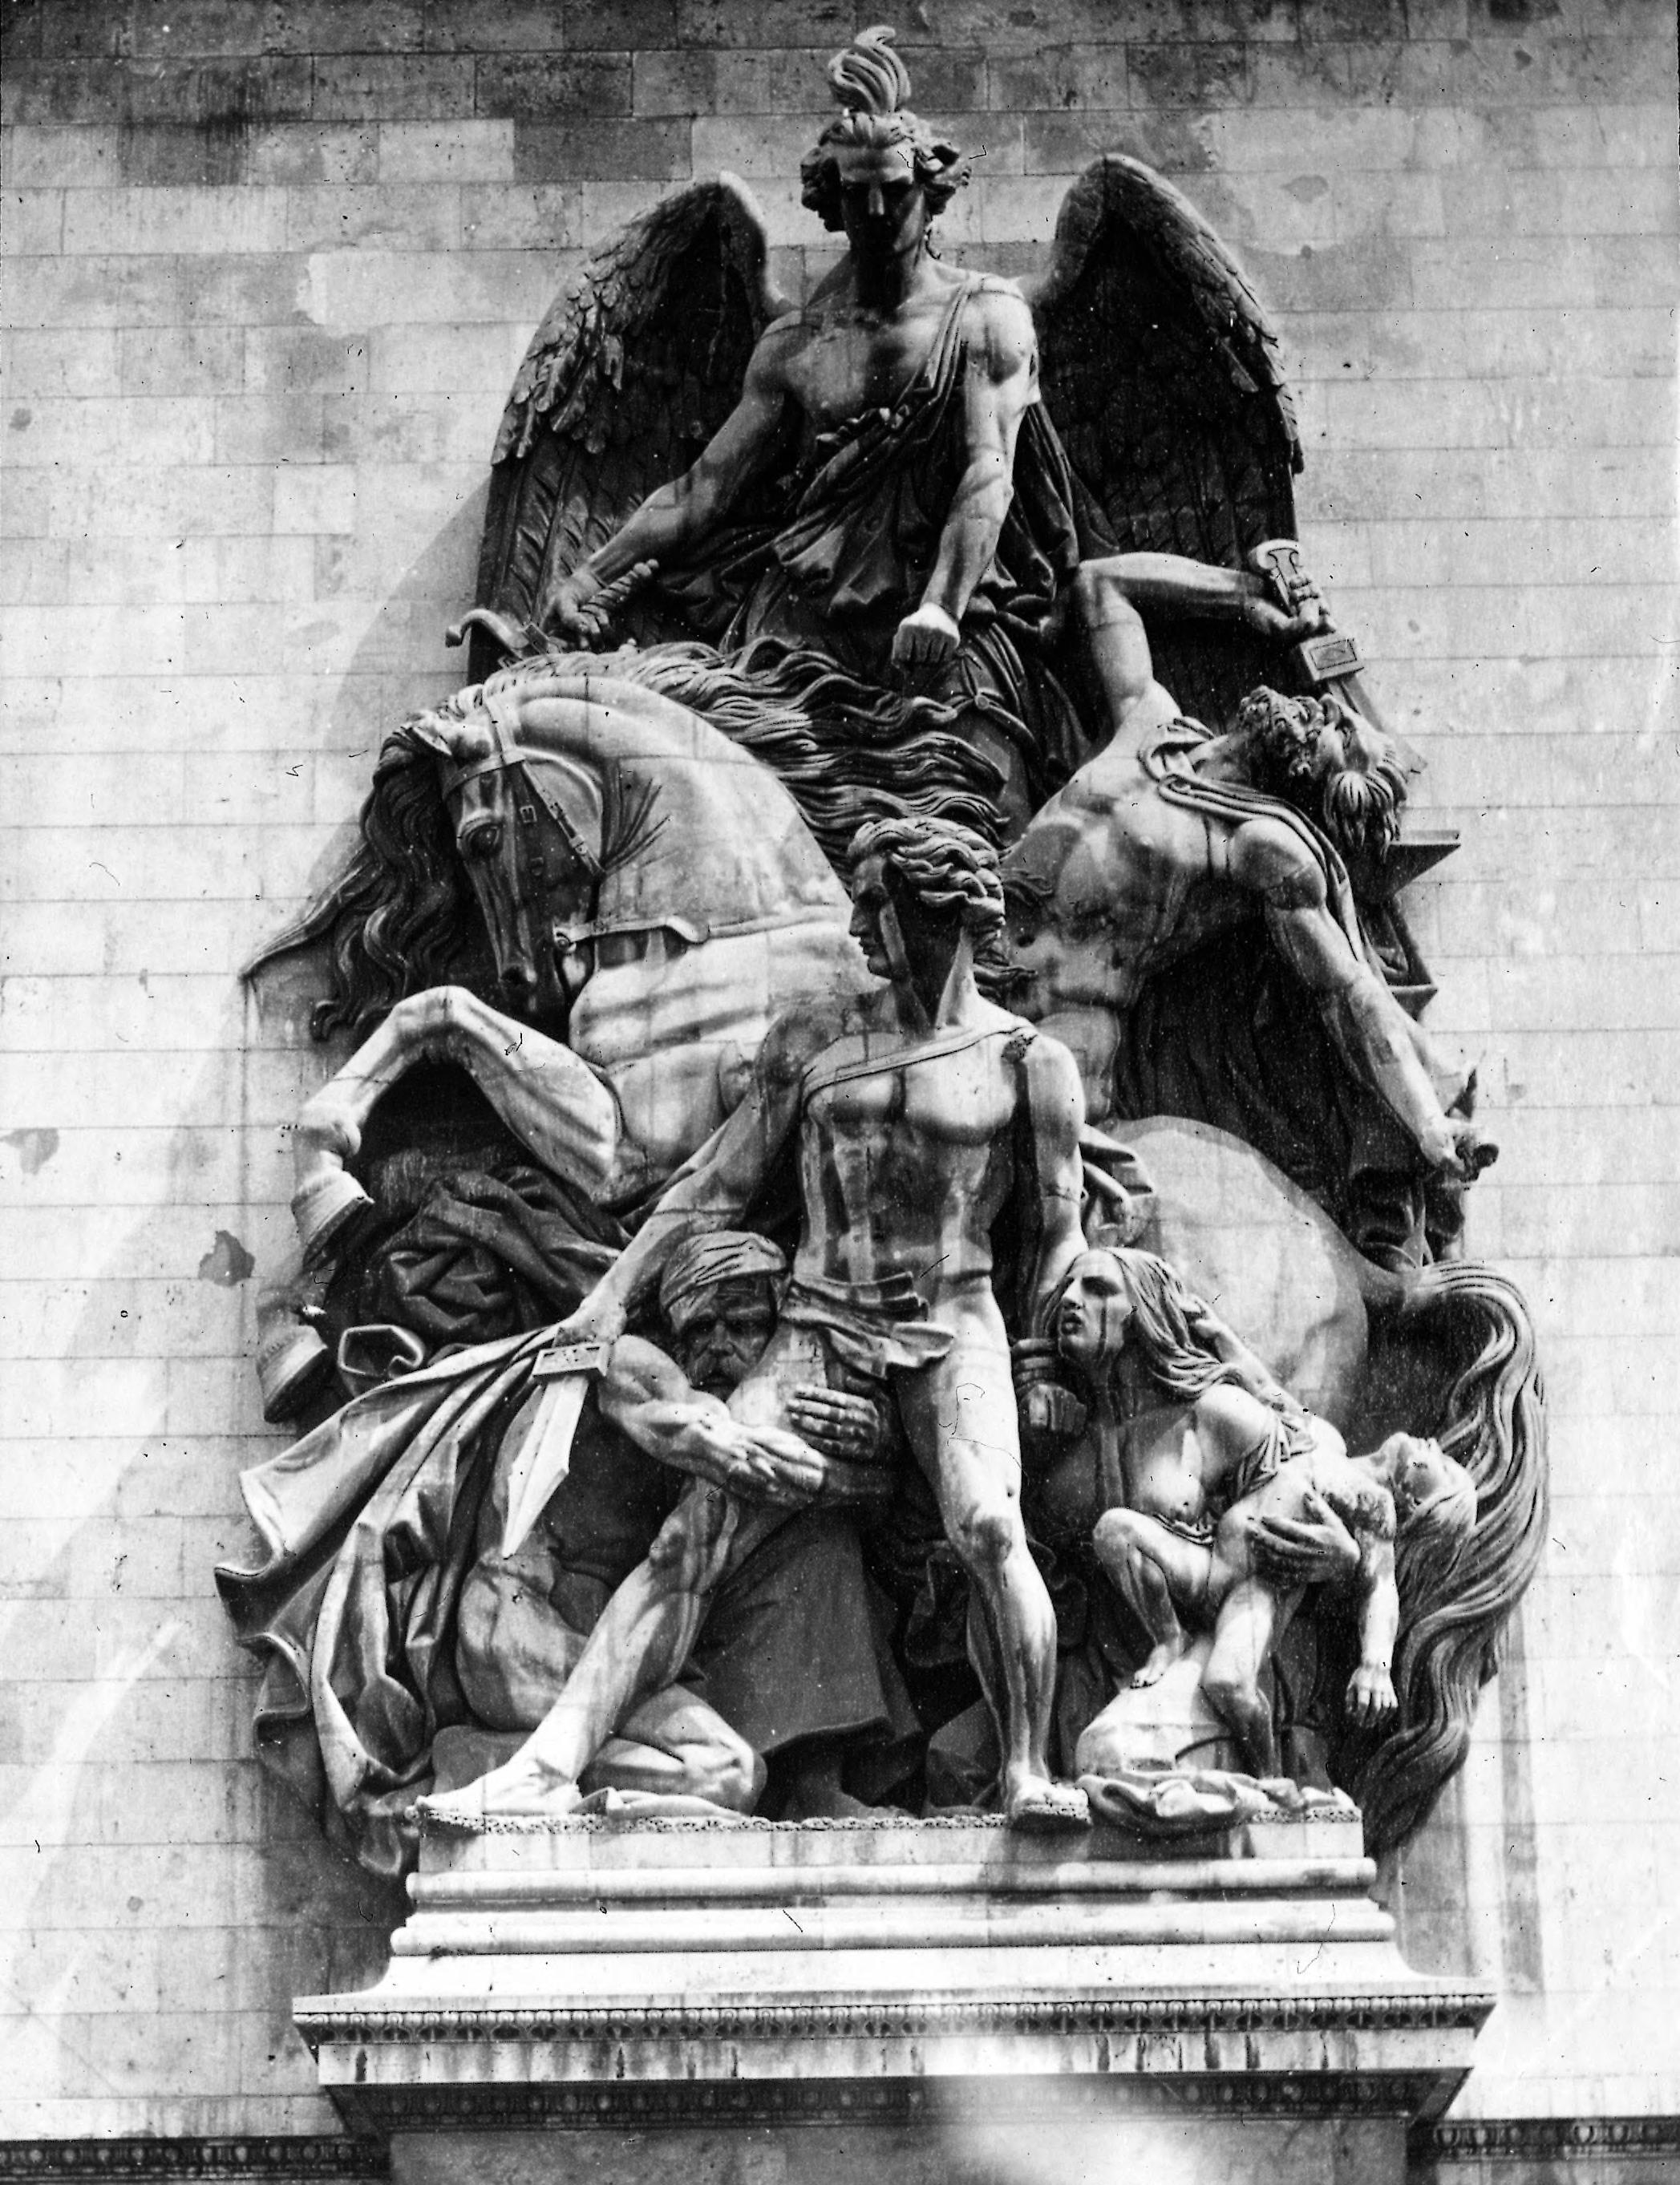 Площадь Этуаль. Триумфальная арка. Скульптура на Западном фасаде